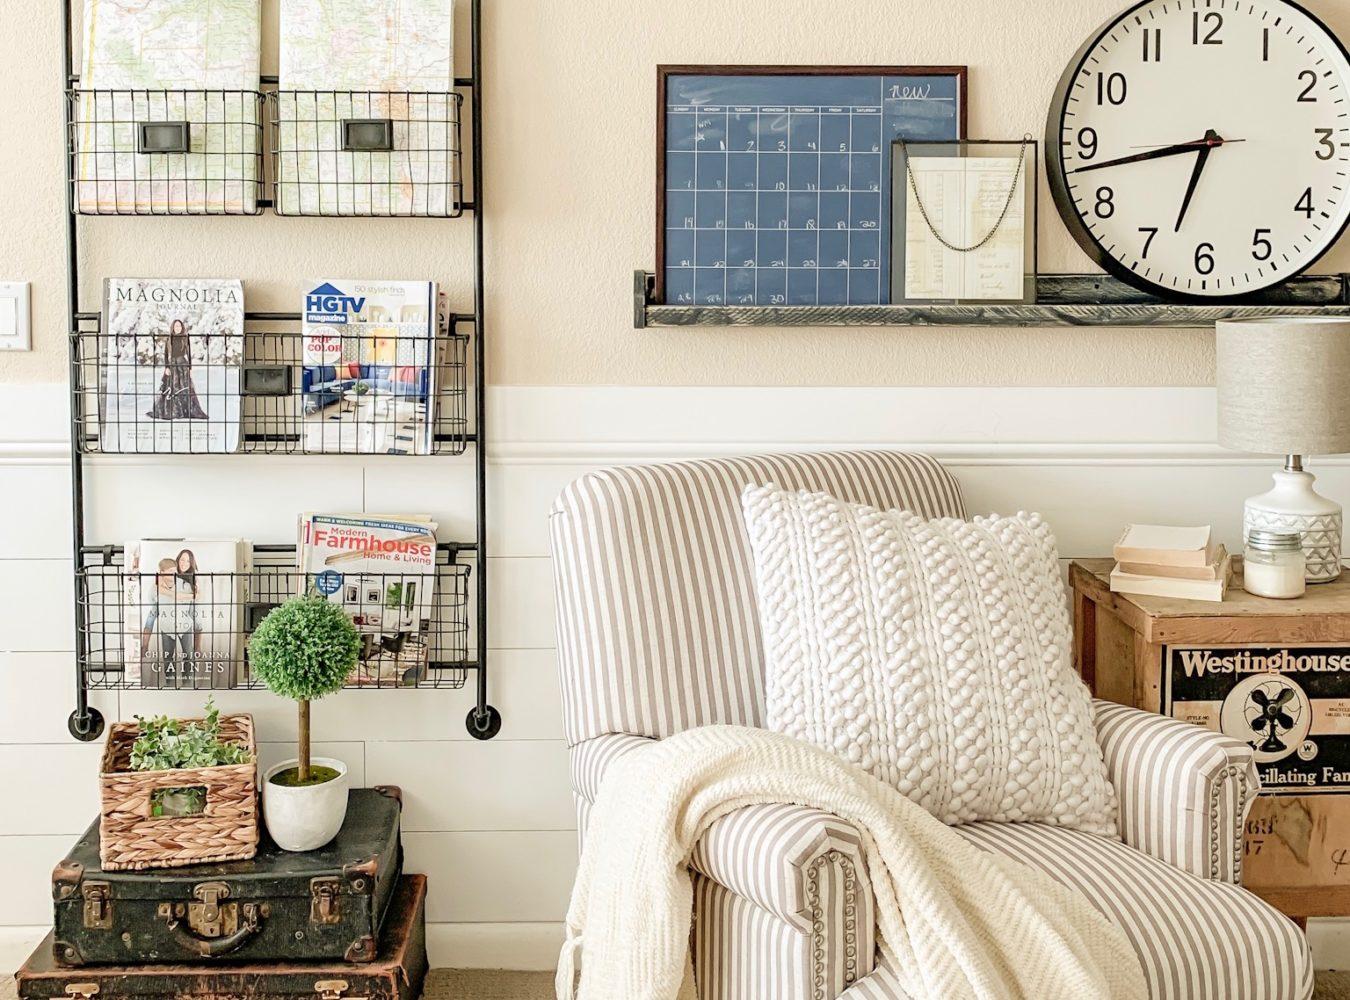 Sarah Joy Blog - Simple ideas for home & life